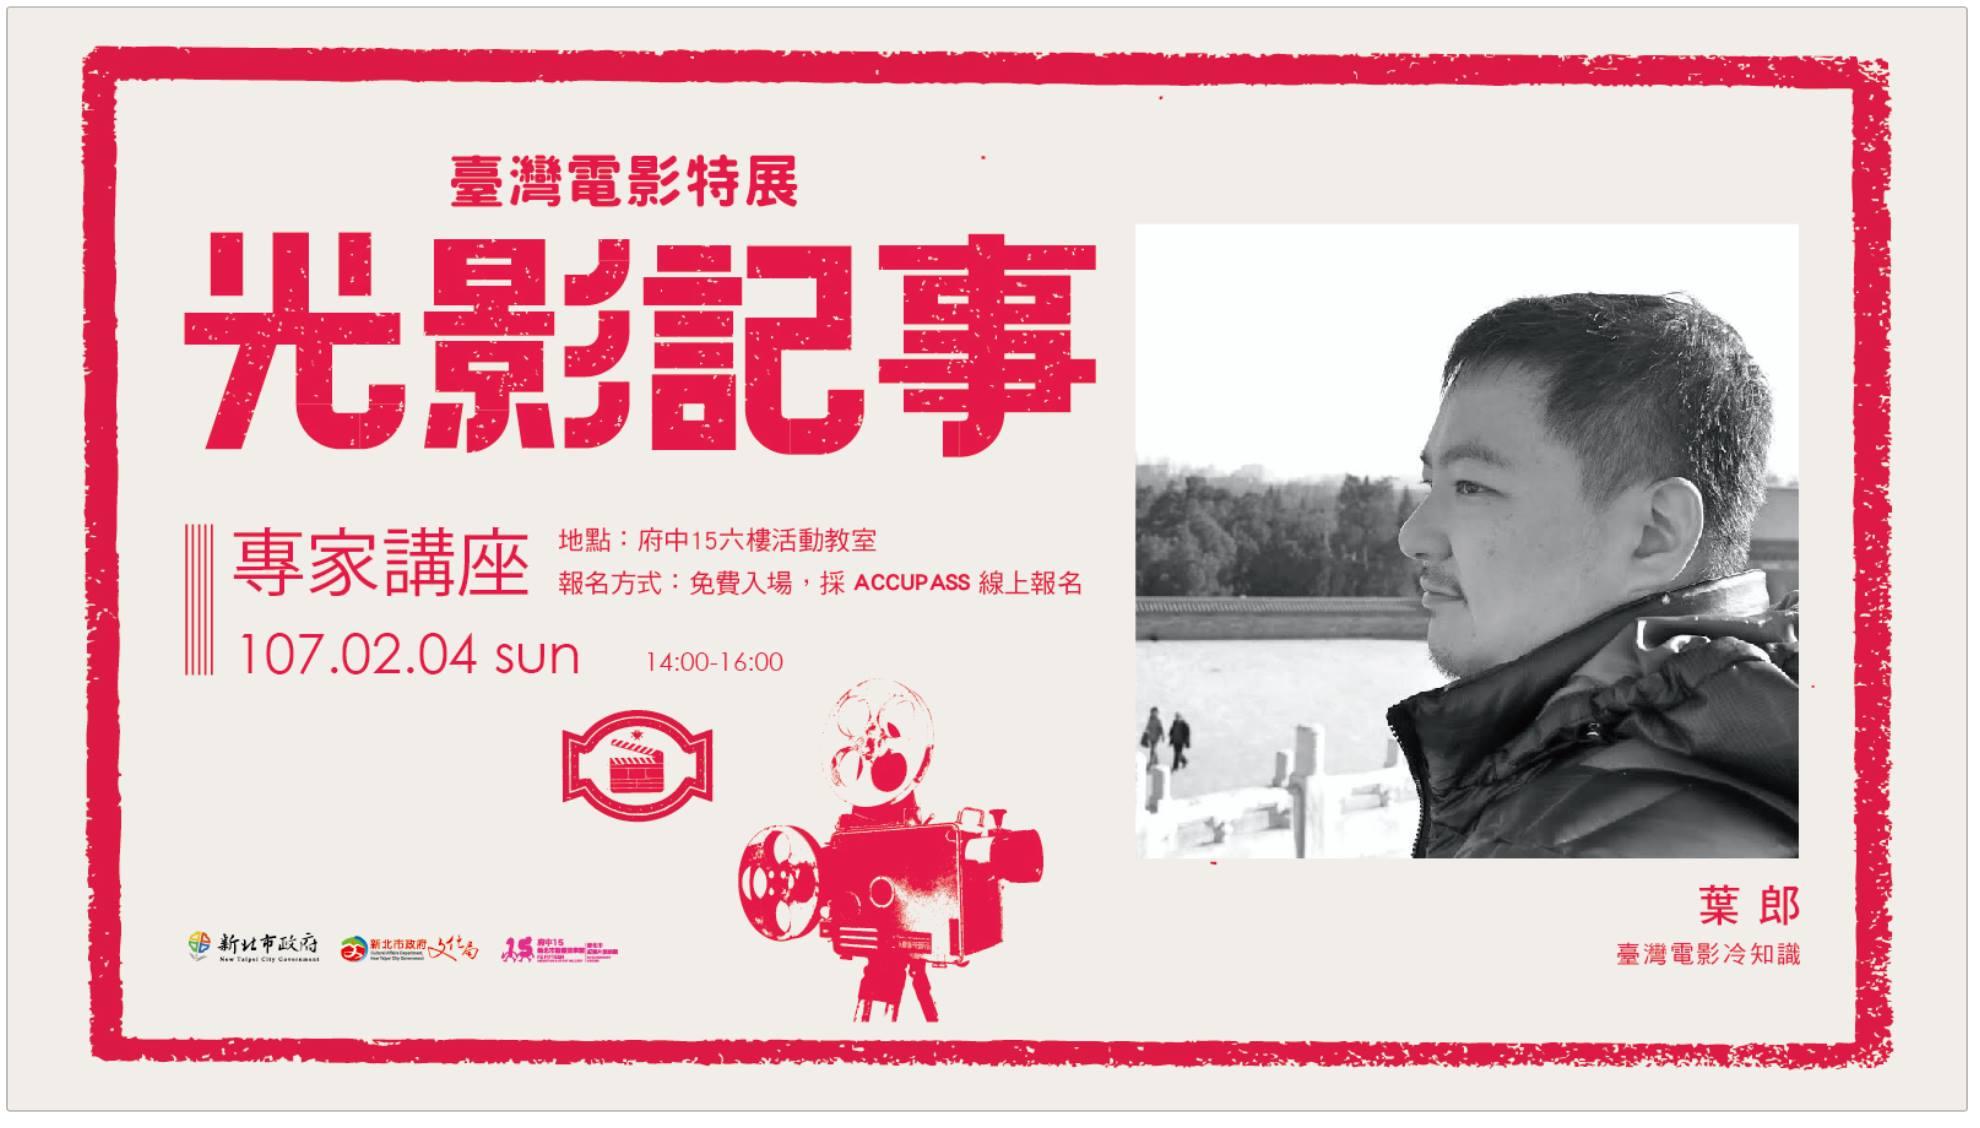 府中15臺灣電影特展,資深影評人開講分享電影冷知識